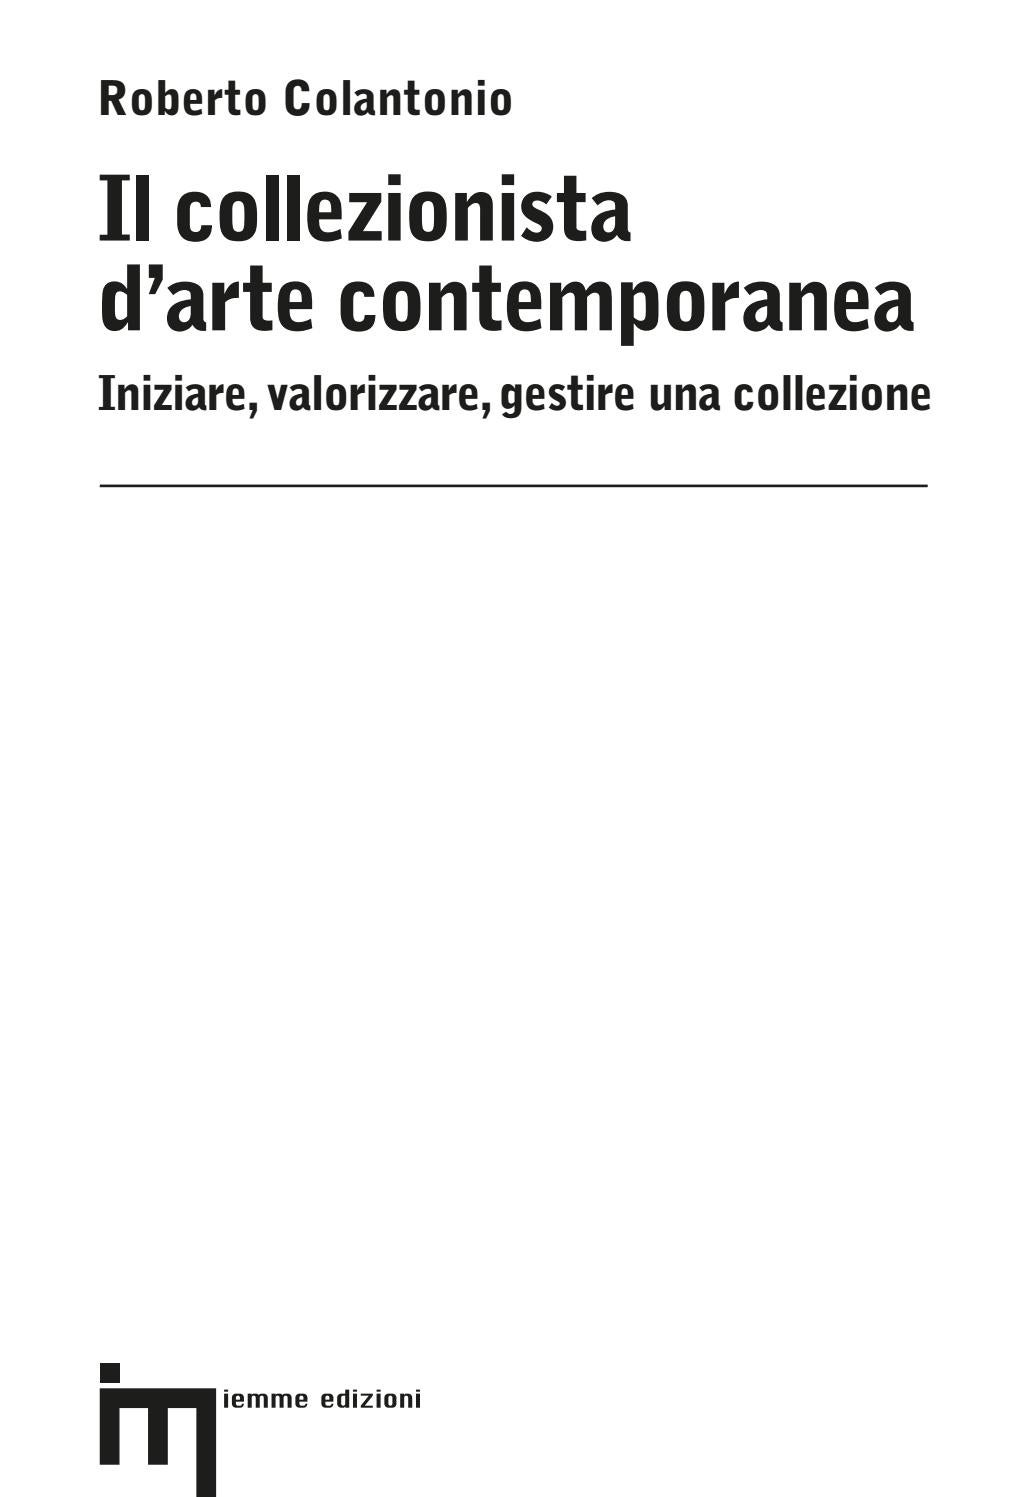 """Collezionista Di Scatole Fiammiferi il collezionista d'arte contemporanea"""" / roberto colantonio"""